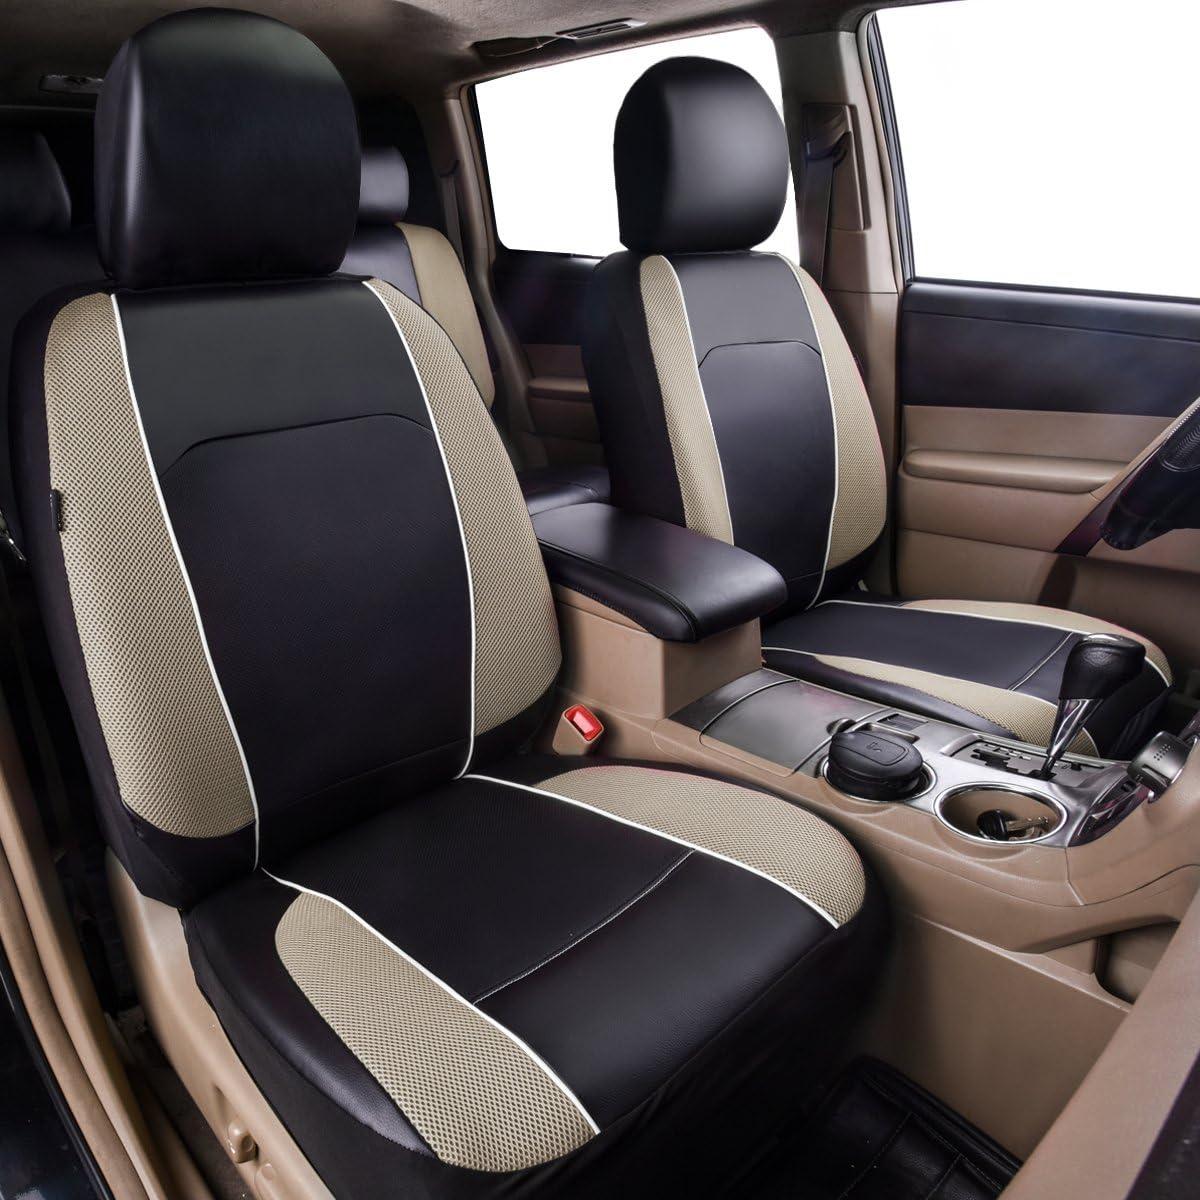 compatibles avec Airbag camions Cheval Kingdom Housses de si/ège de Voiture universelles en Simili Cuir pour Voitures camionnettes SUV